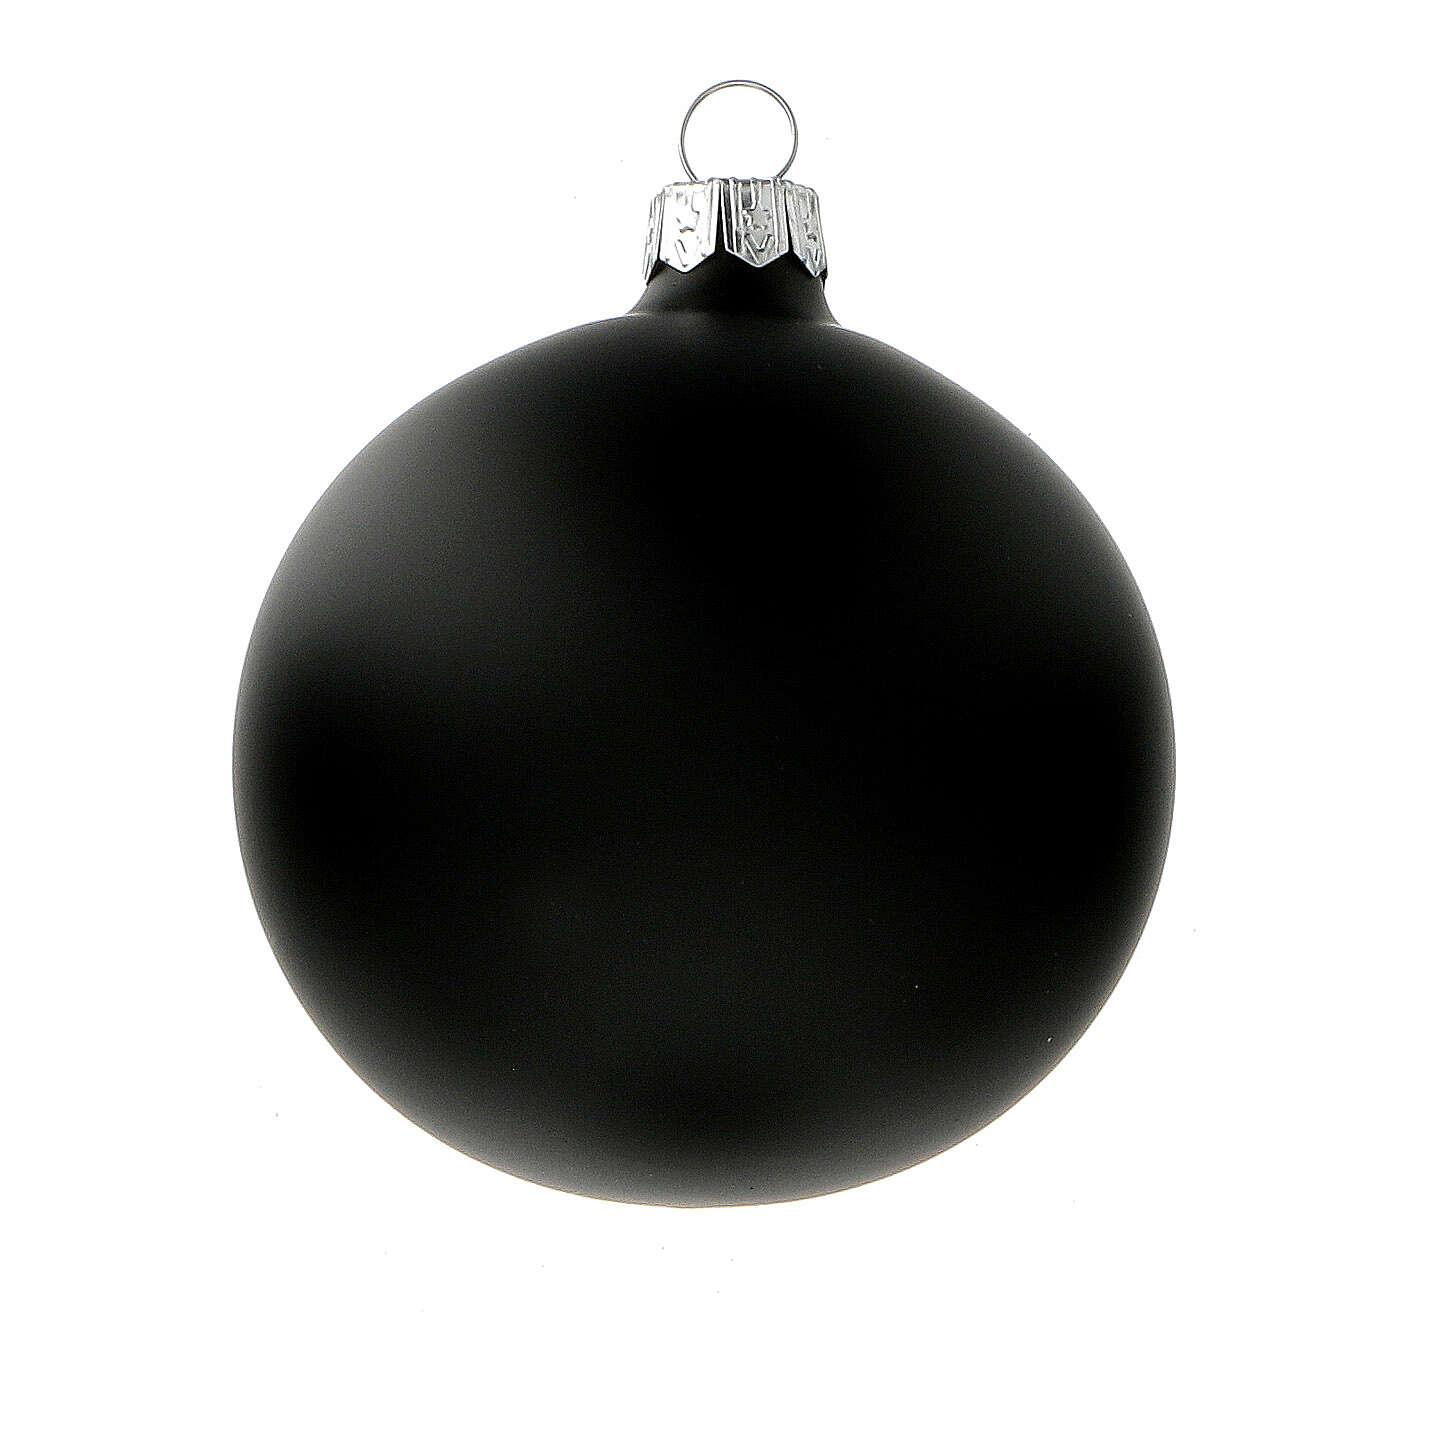 Bolas árvore de Natal vidro soprado preto opaco 80 mm 6 unidades 4